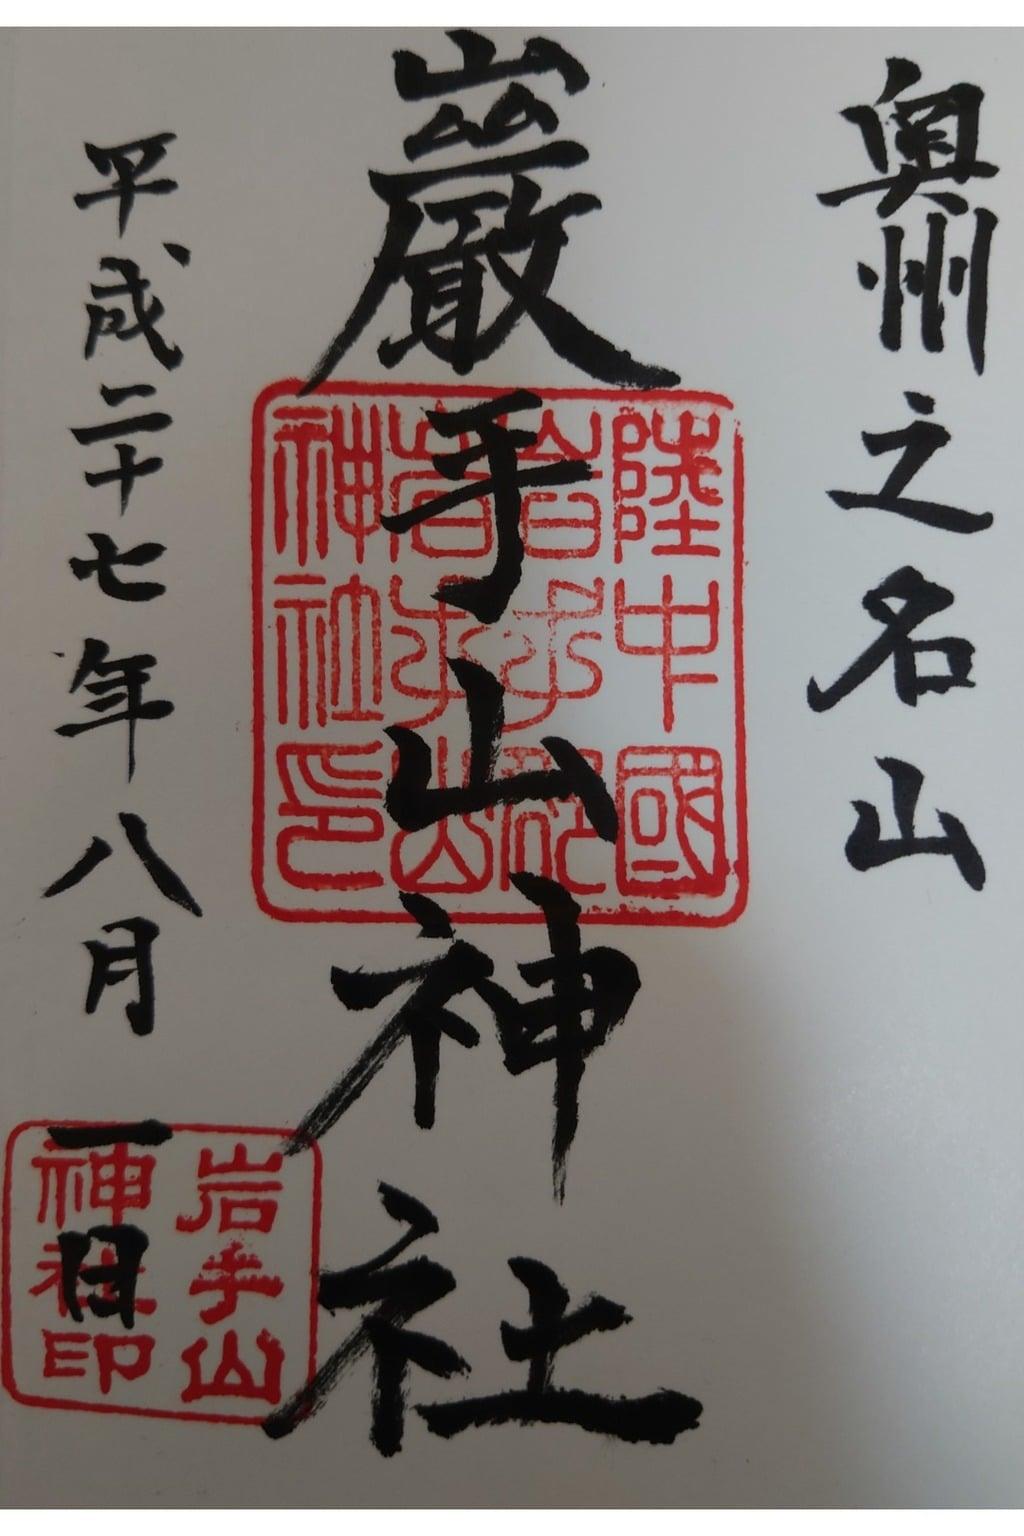 岩手山神社の御朱印